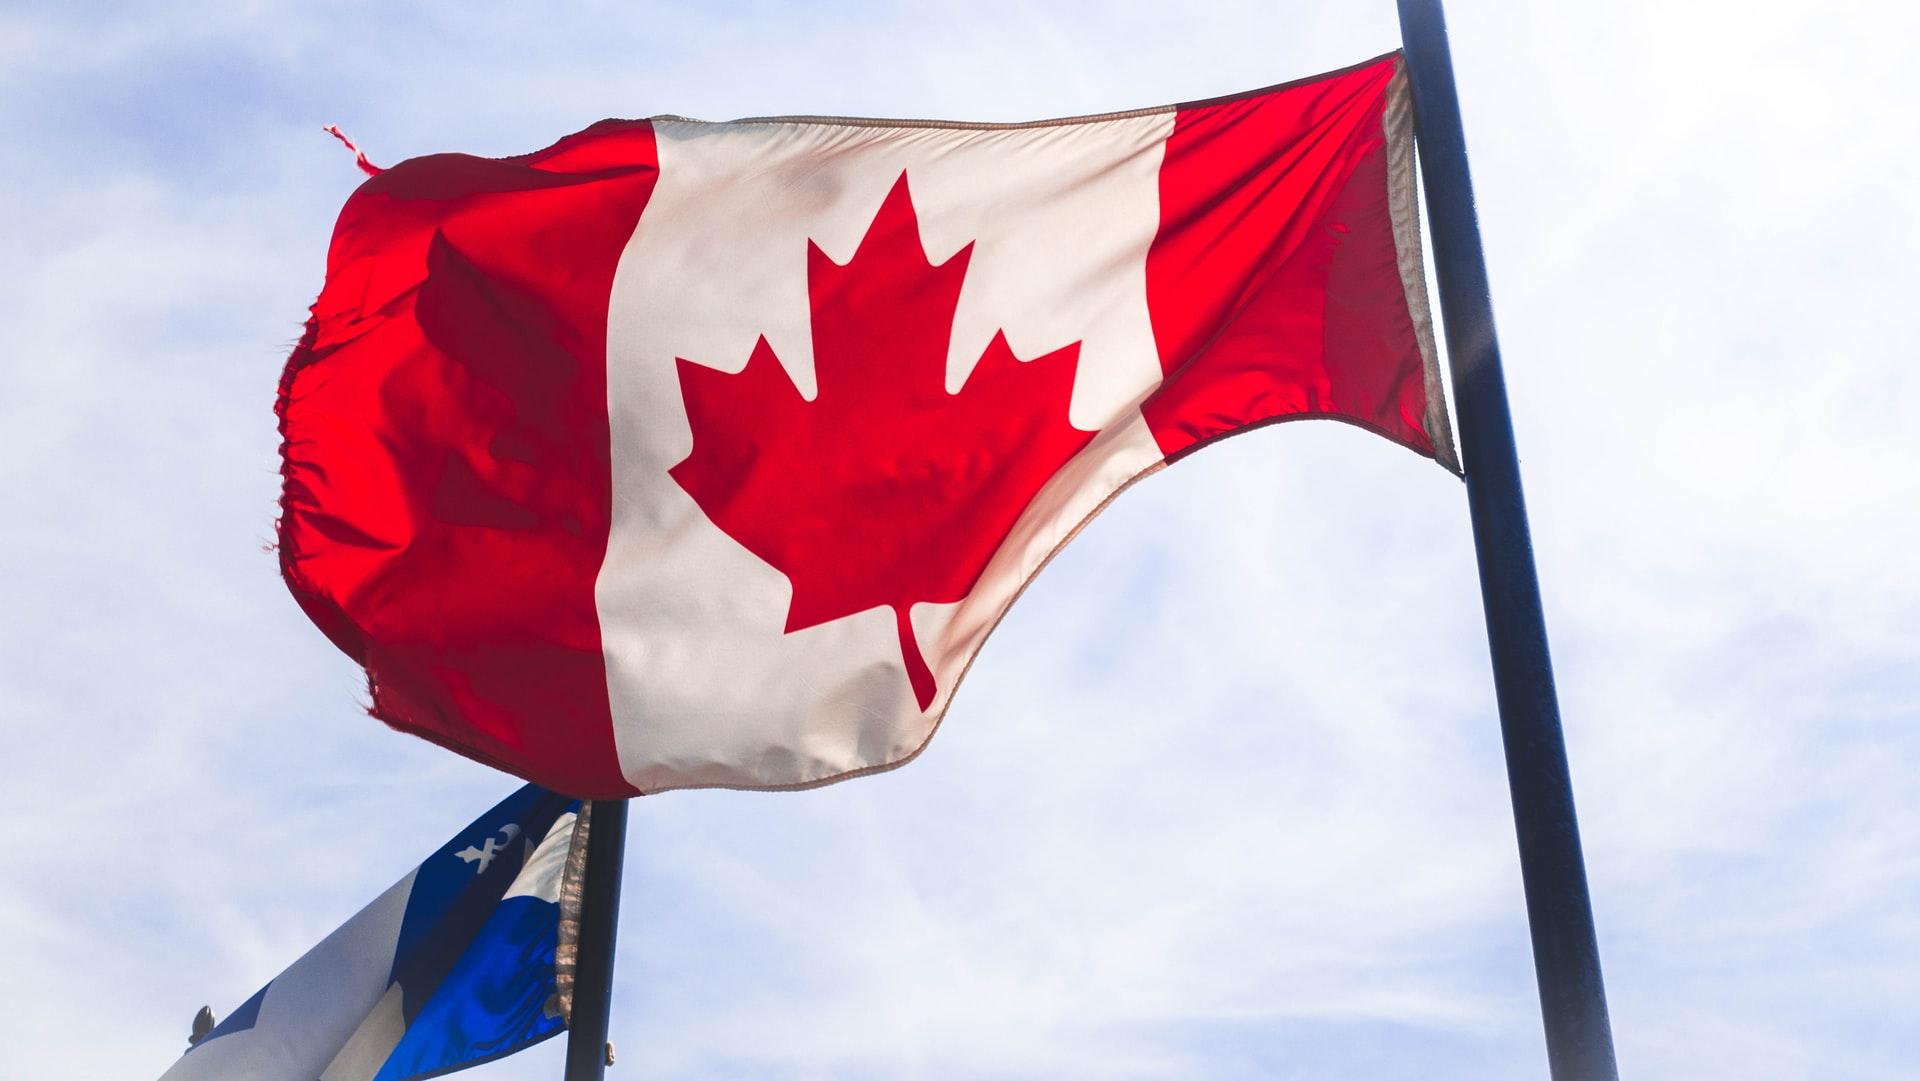 Du học Canada nhưng không cần chứng minh tài chính